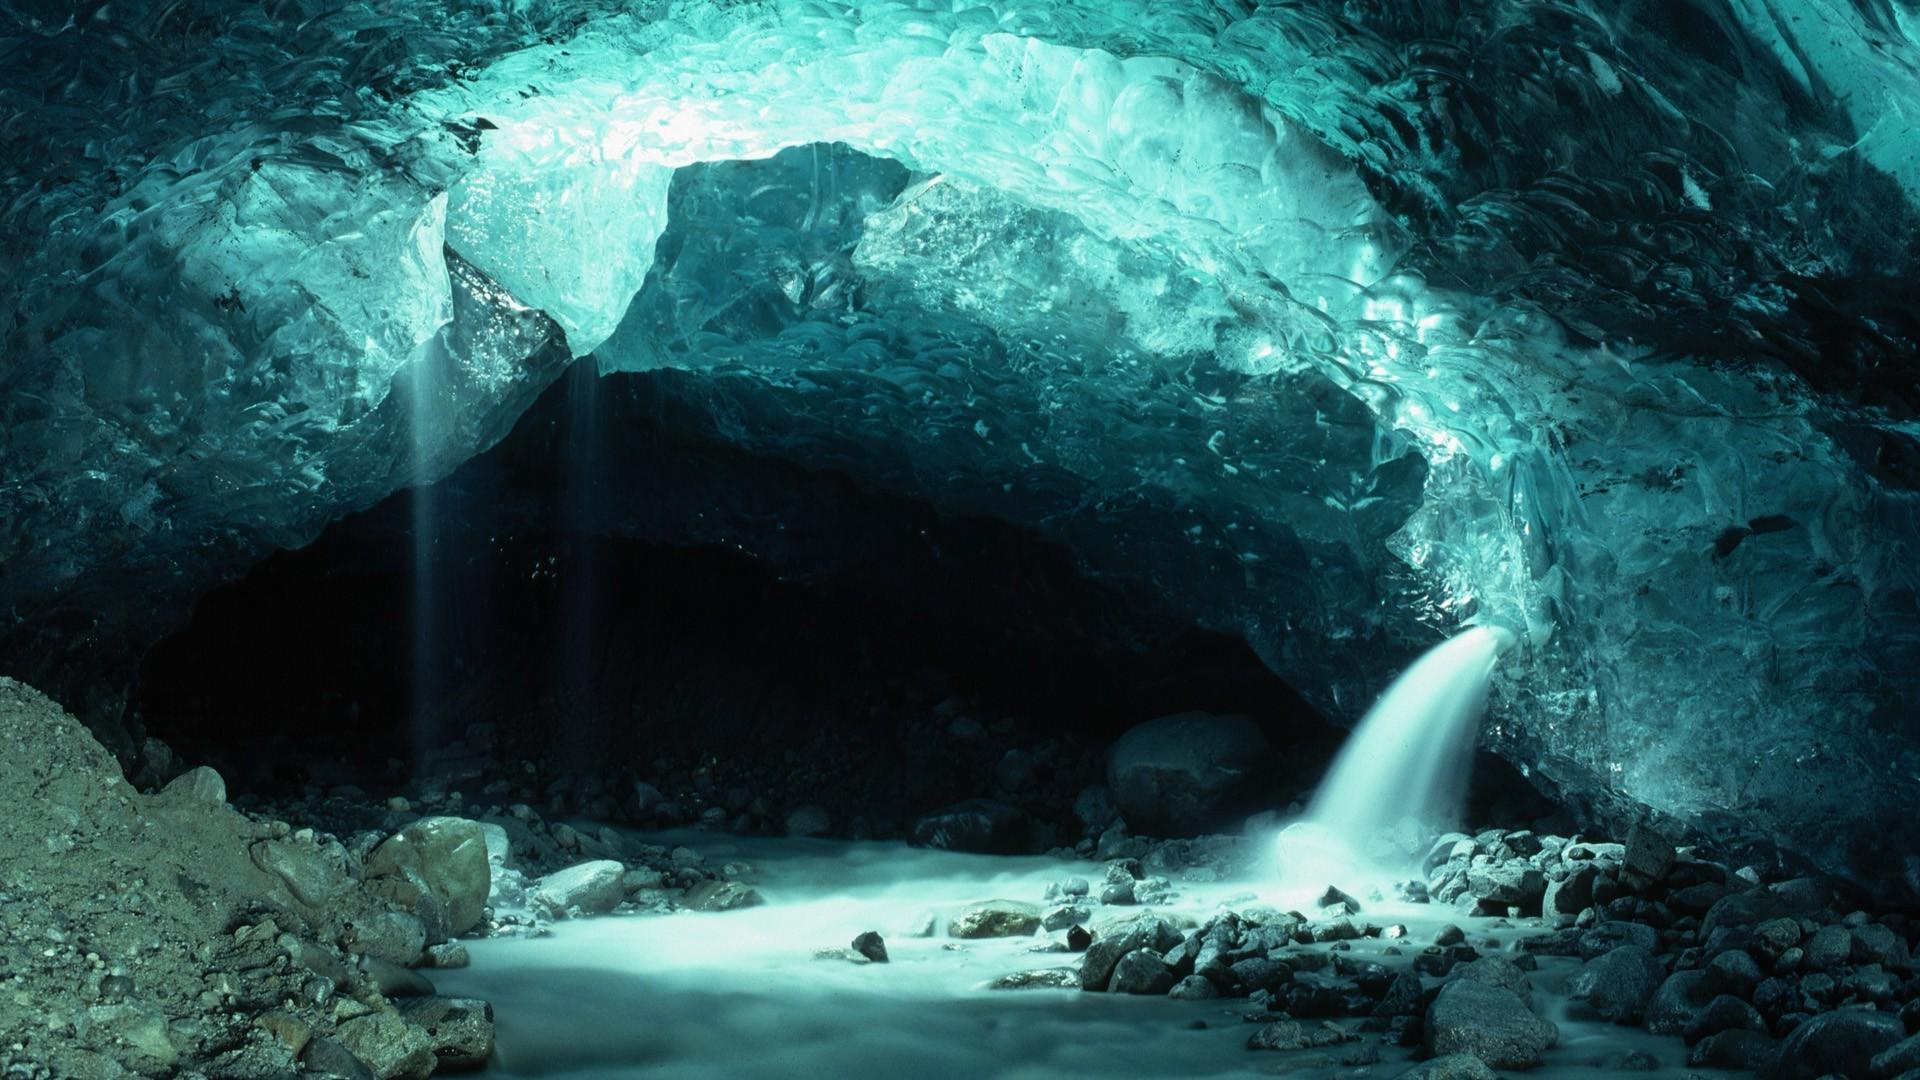 Sunrise Through The Cave 1920x1080